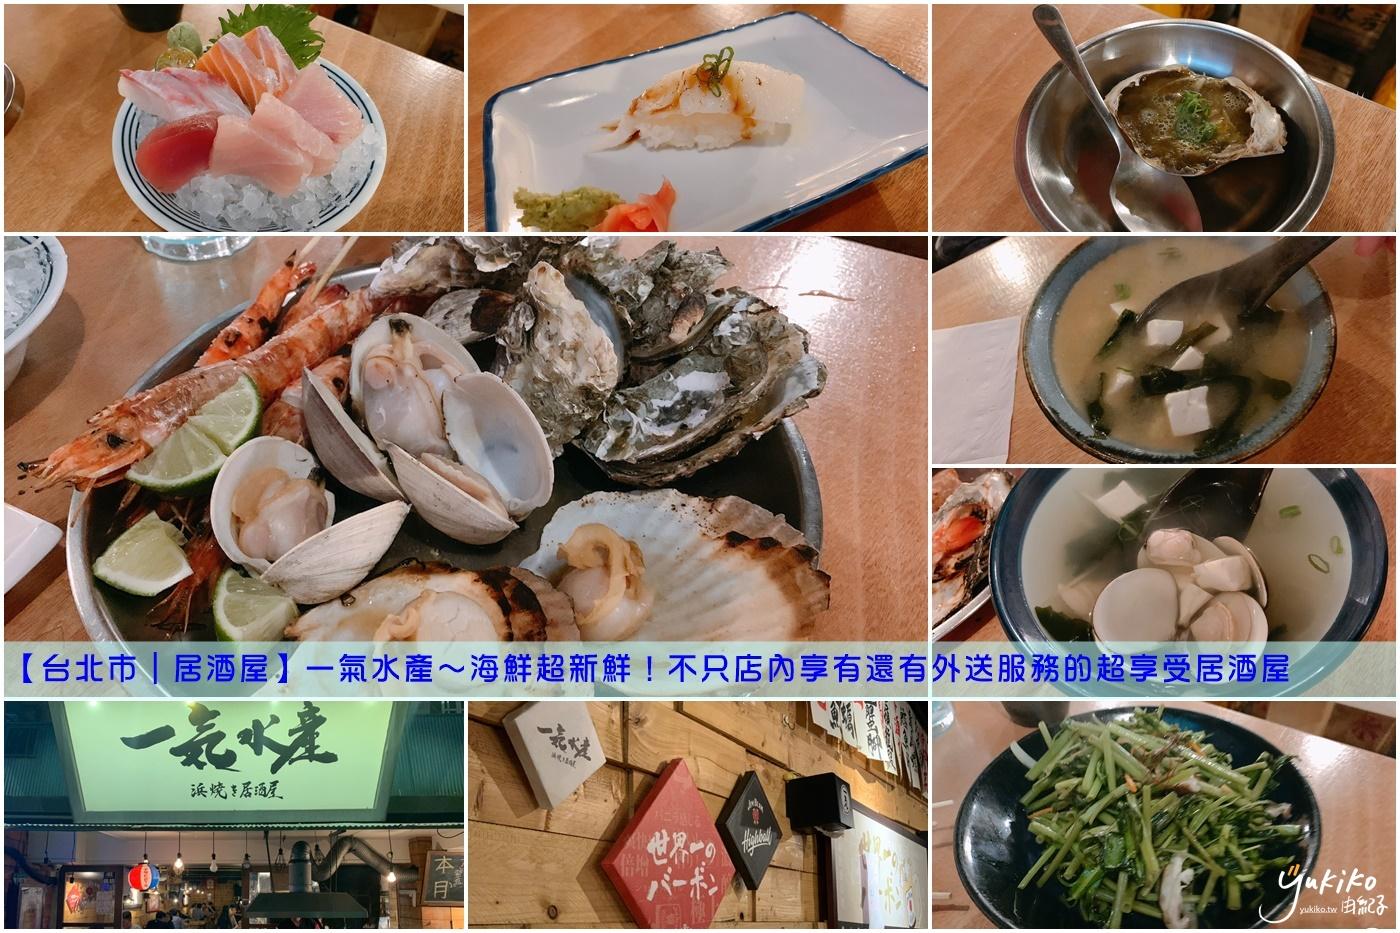 【台北市|居酒屋】一氣水產~海鮮超新鮮!不只店內享有還有外送服務的超享受居酒屋